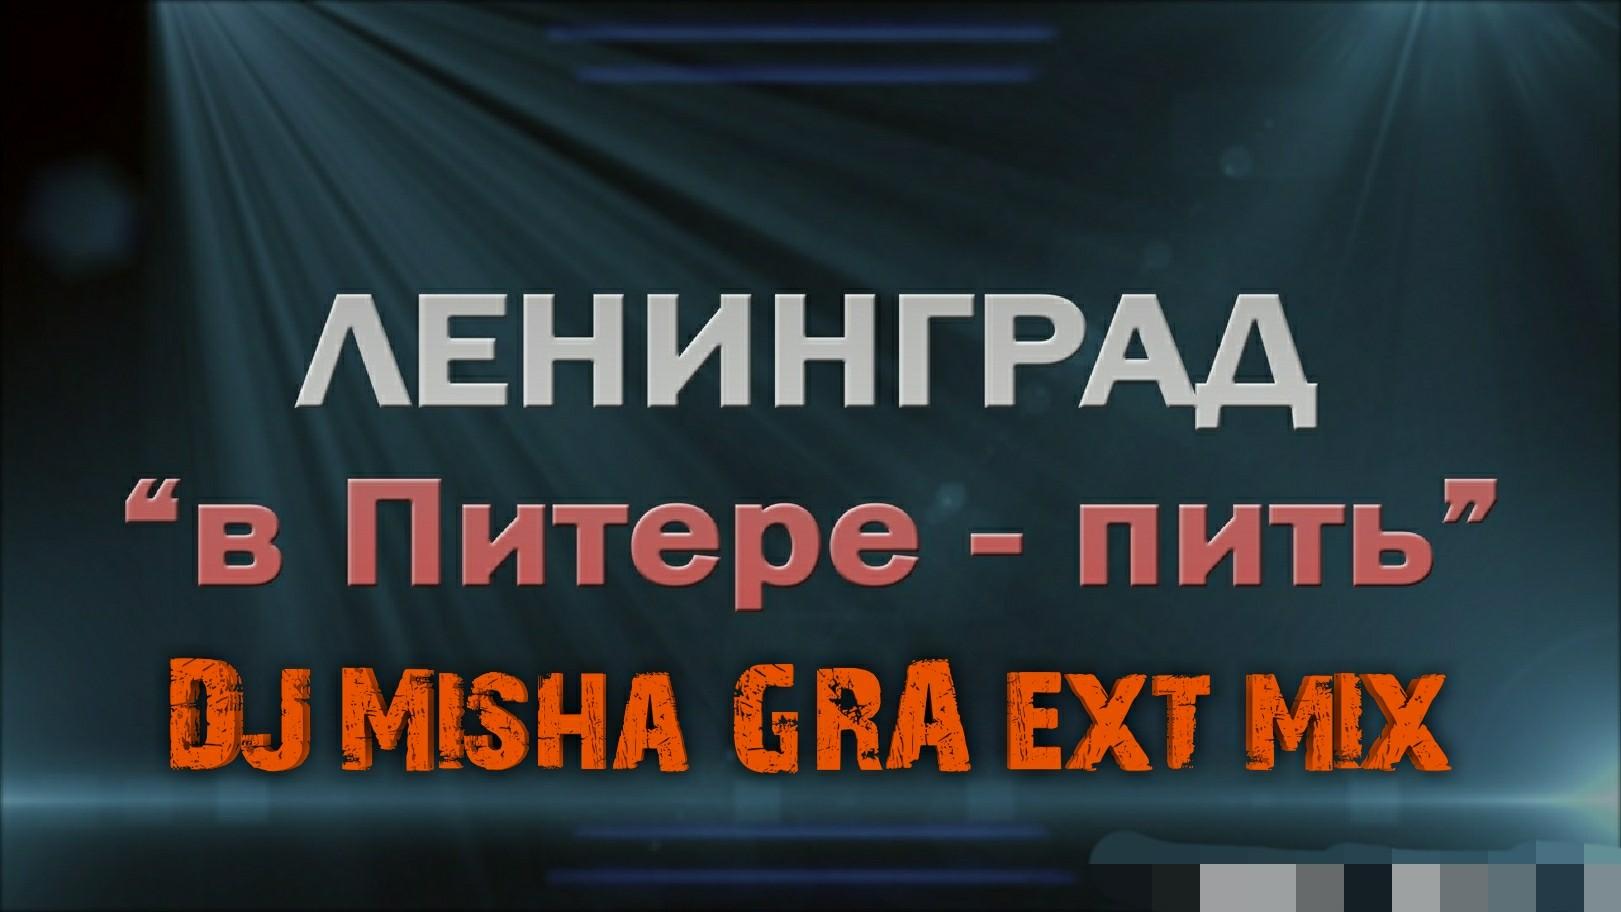 Ленинград  - в Питере пить  (DJ Misha GRA ext mix)